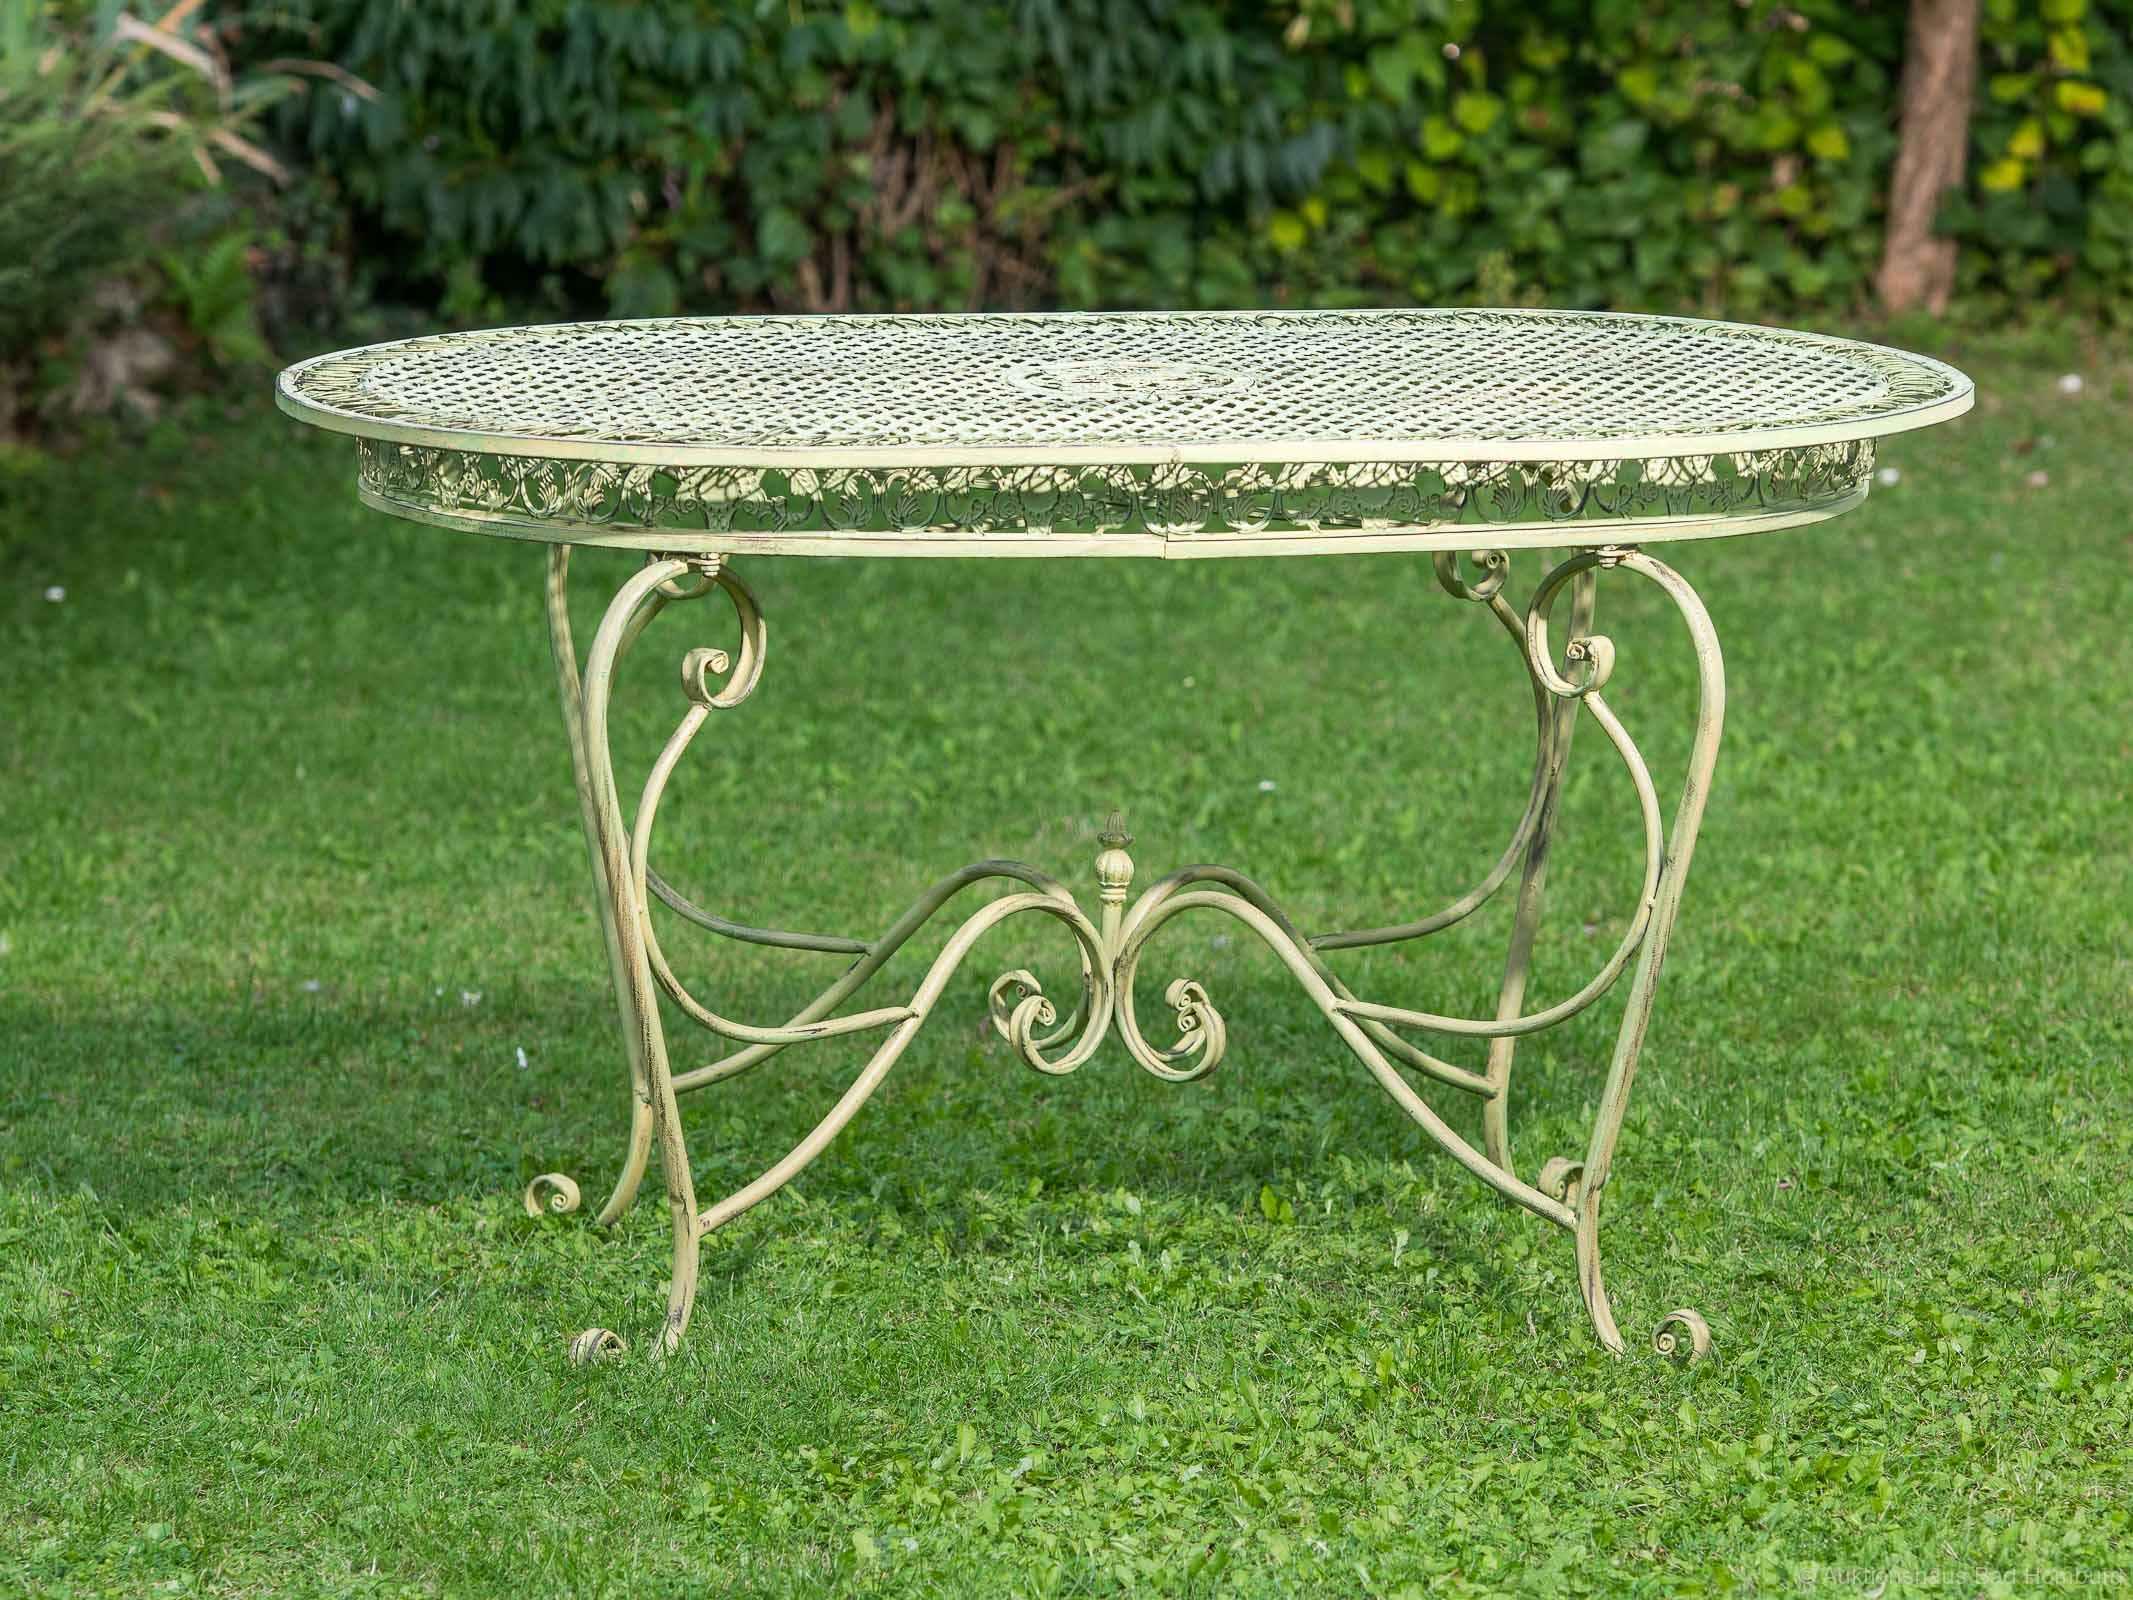 Gartentisch 135cm Eisen Tisch Gartenmobel Grun Antik Stil Garten